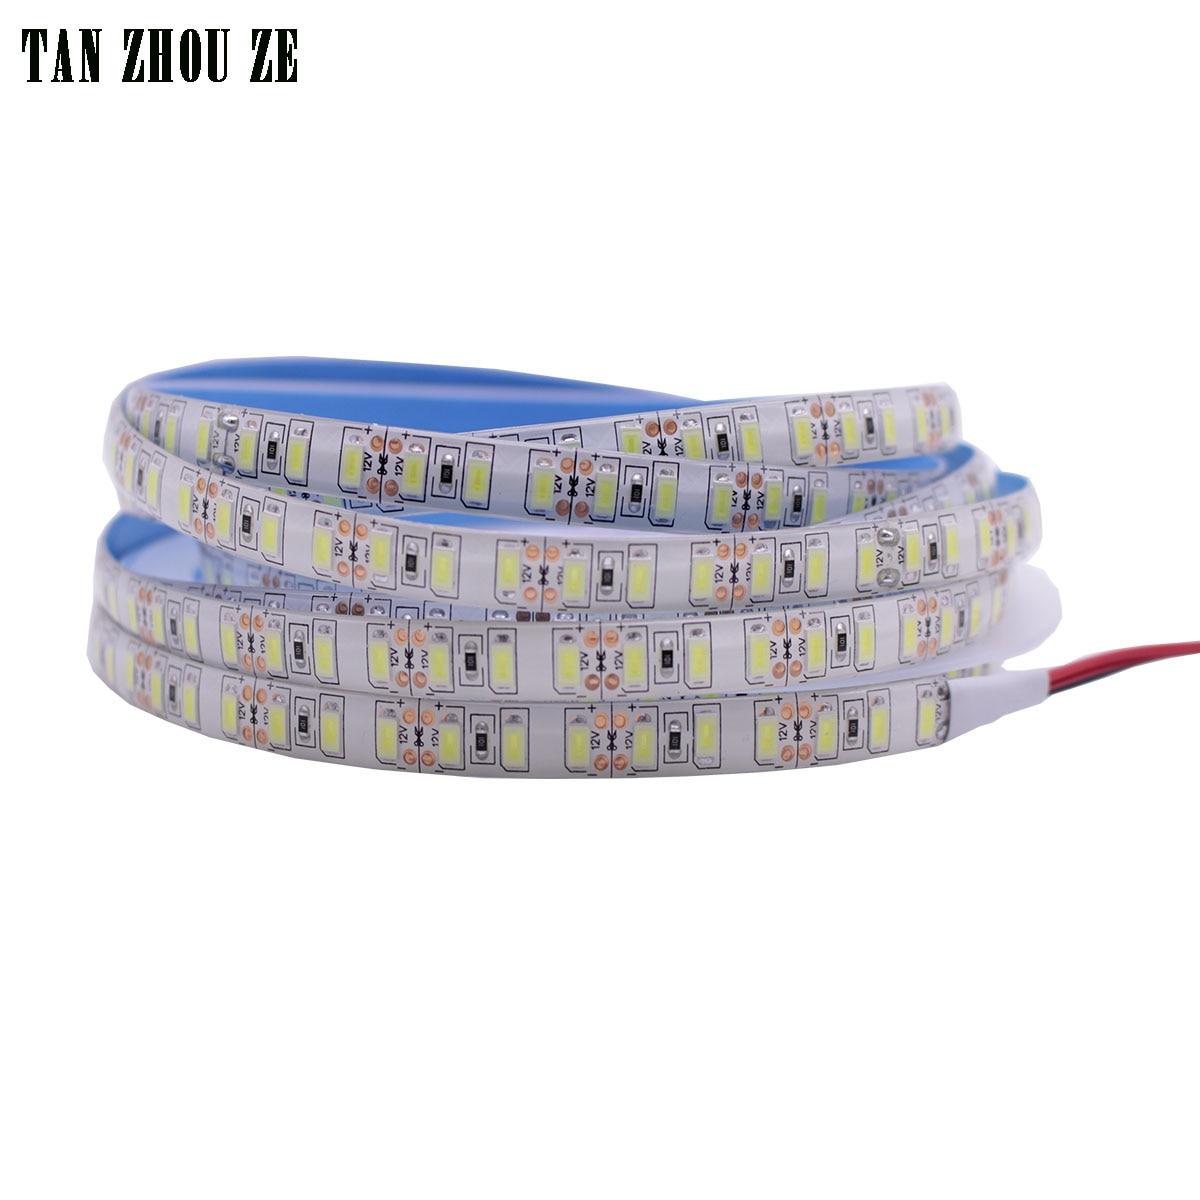 Super bright 5m 5730 LED strip 120 led m IP20 65 67 waterproof 12V flexible 600 LED tape5630 LED ribbon white warm white color